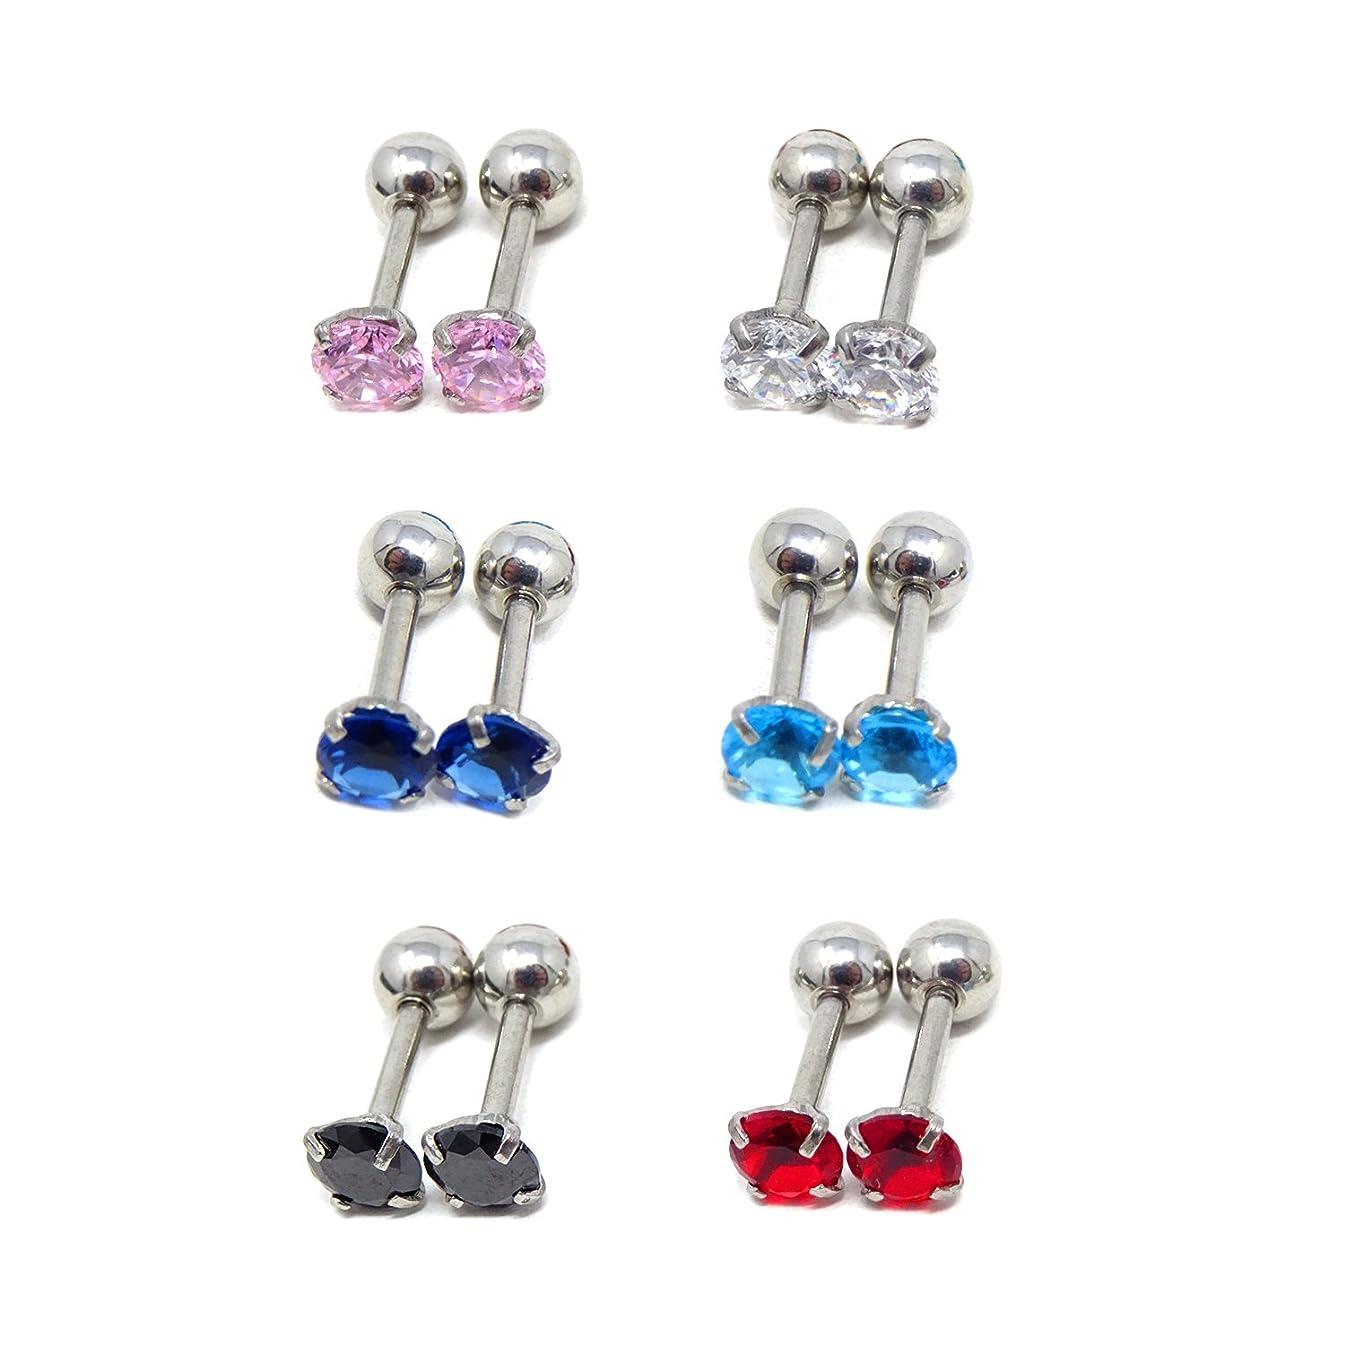 Honbay 6 Pairs 16 Gauge 4mm Round Cubic Zirconia Gem Stainlss Steel Barbell Earrings Screw Back Earrings